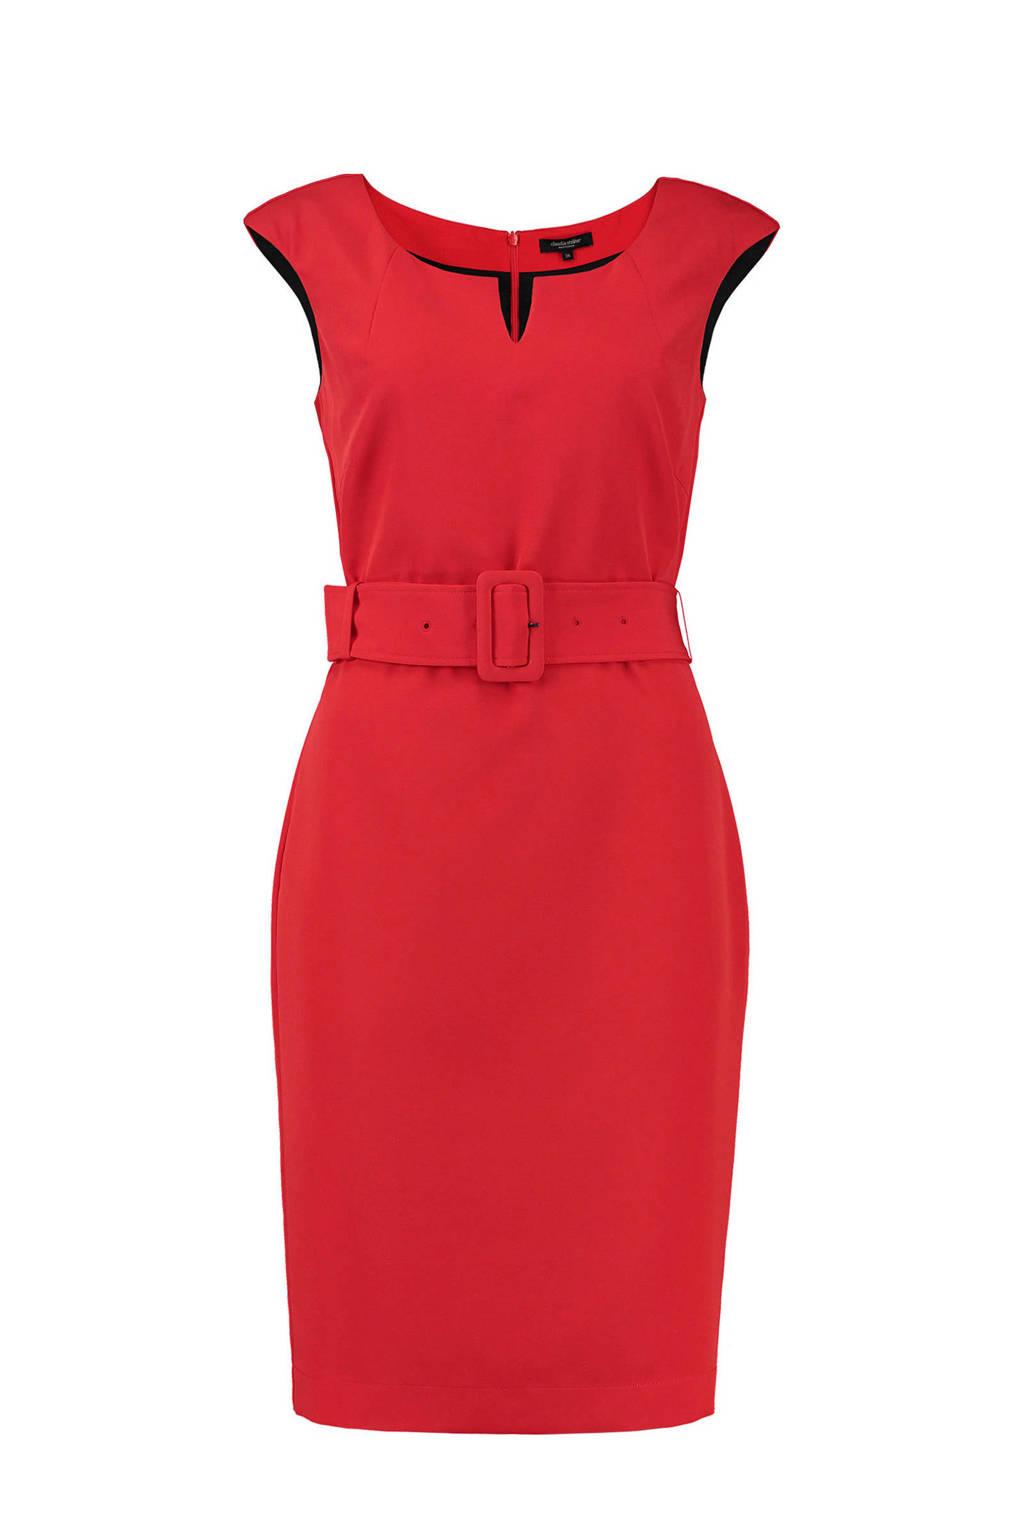 Claudia Sträter jurk rood, Rood